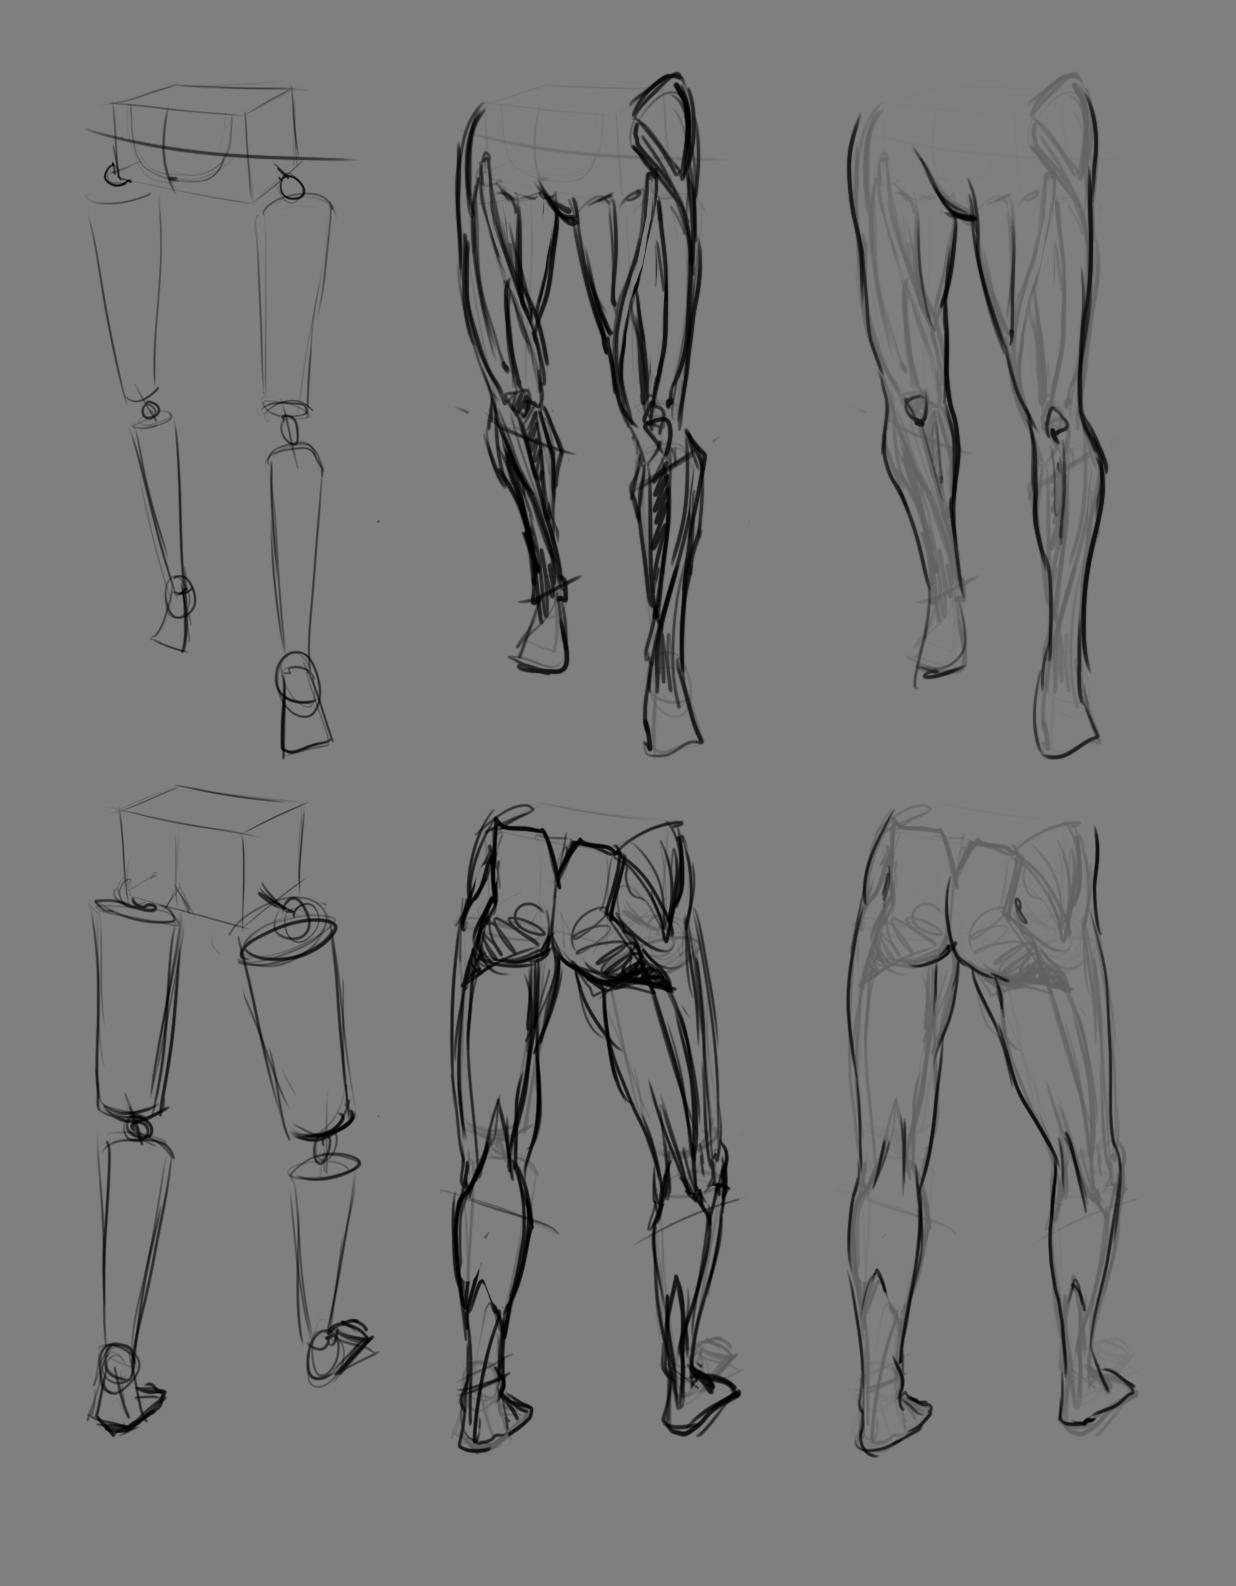 XaB au travail ! [nudity inside] - Page 23 SpeedStudies_2017-08-29